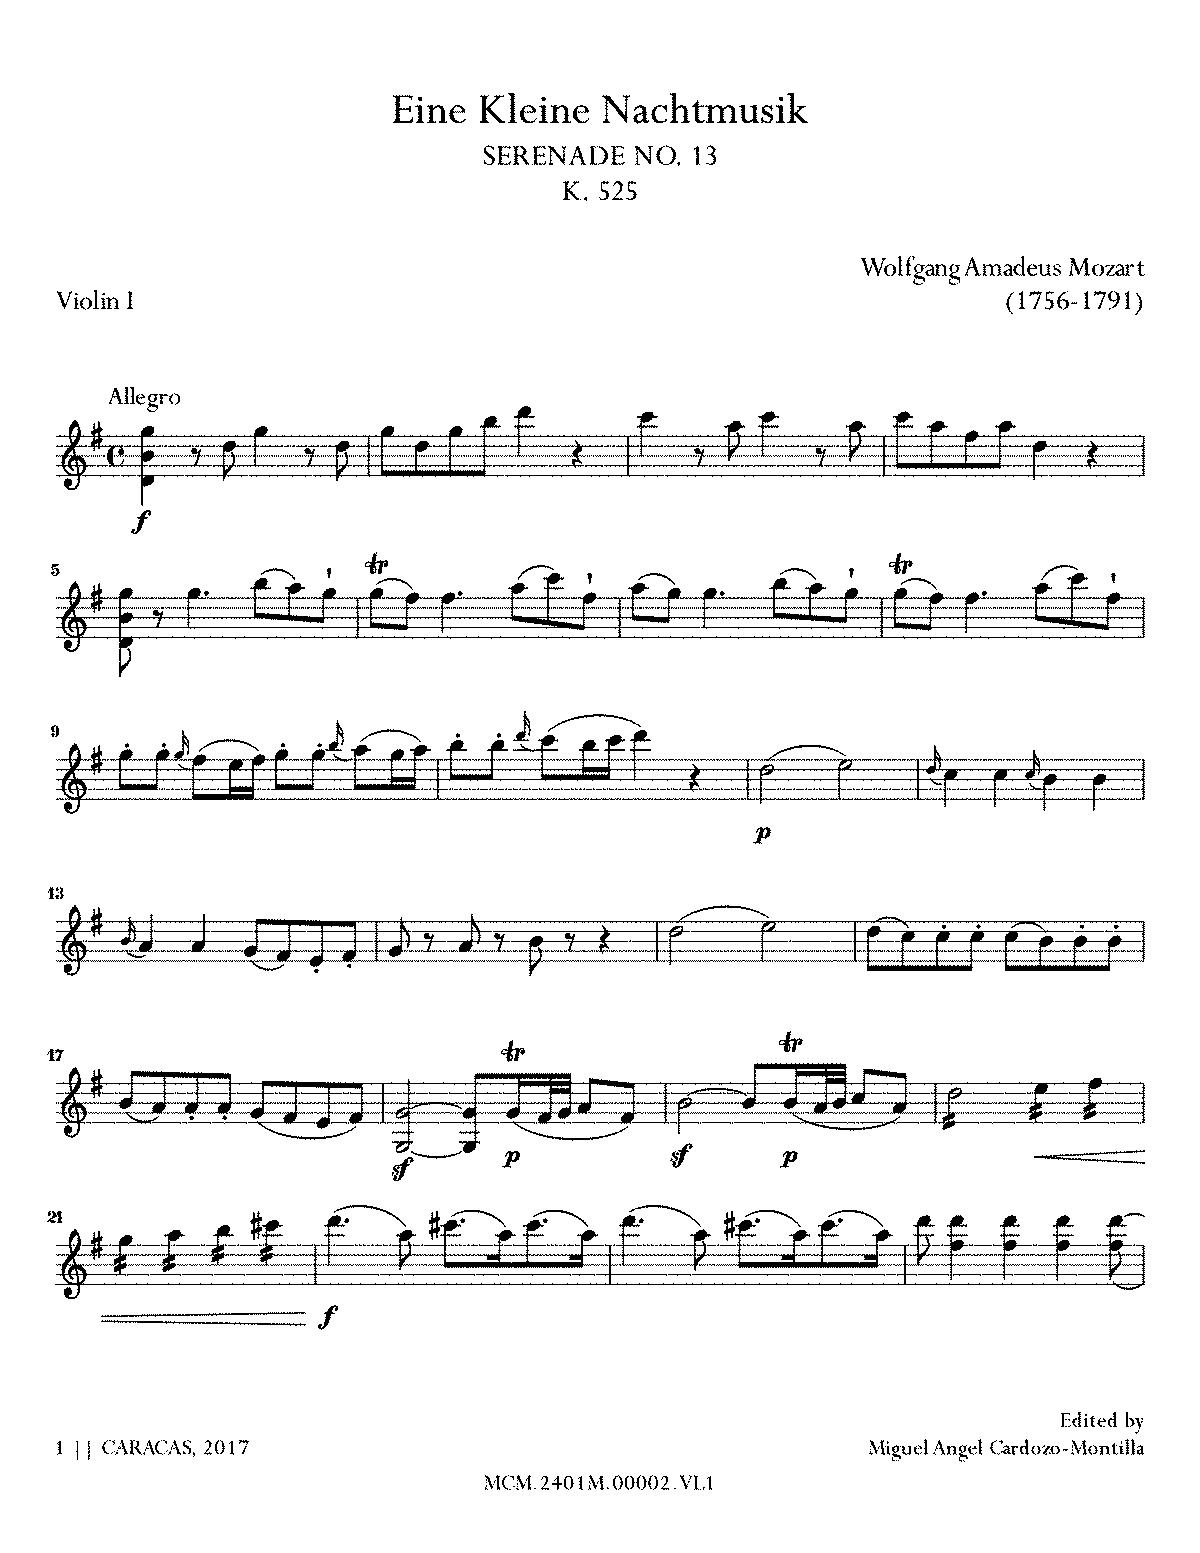 die kleine nachtmusik